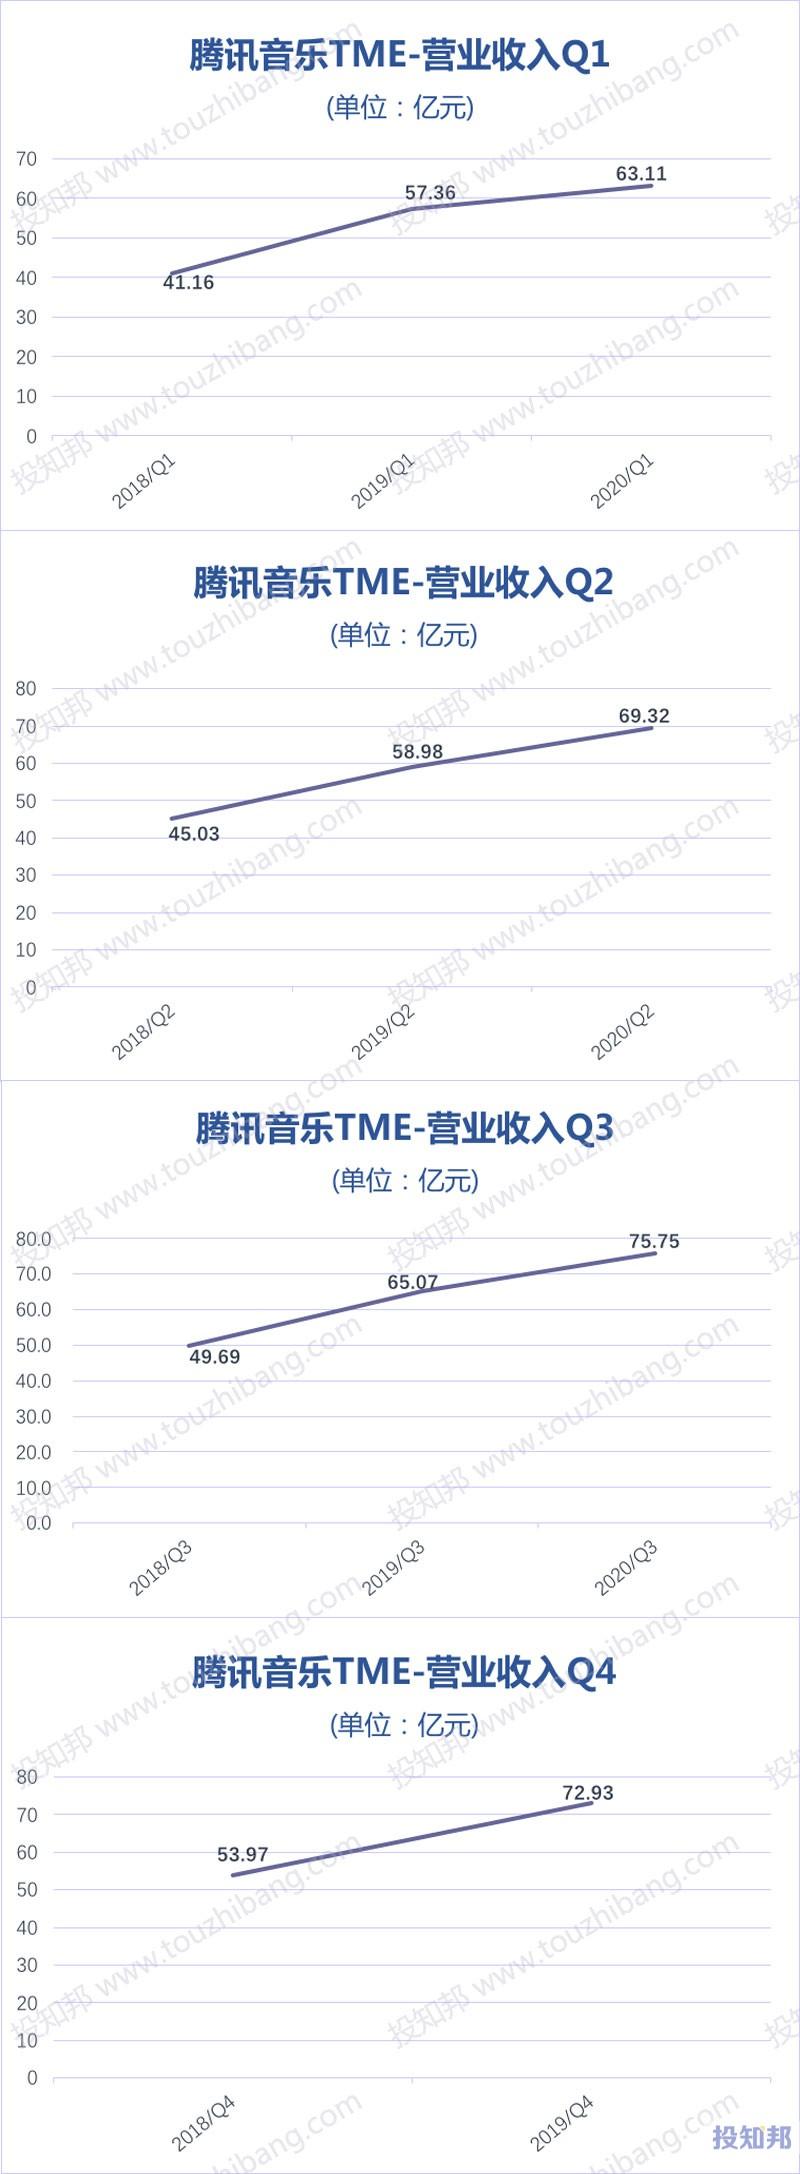 腾讯音乐(TME)财报数据图示(2017年~2020年Q3,更新)